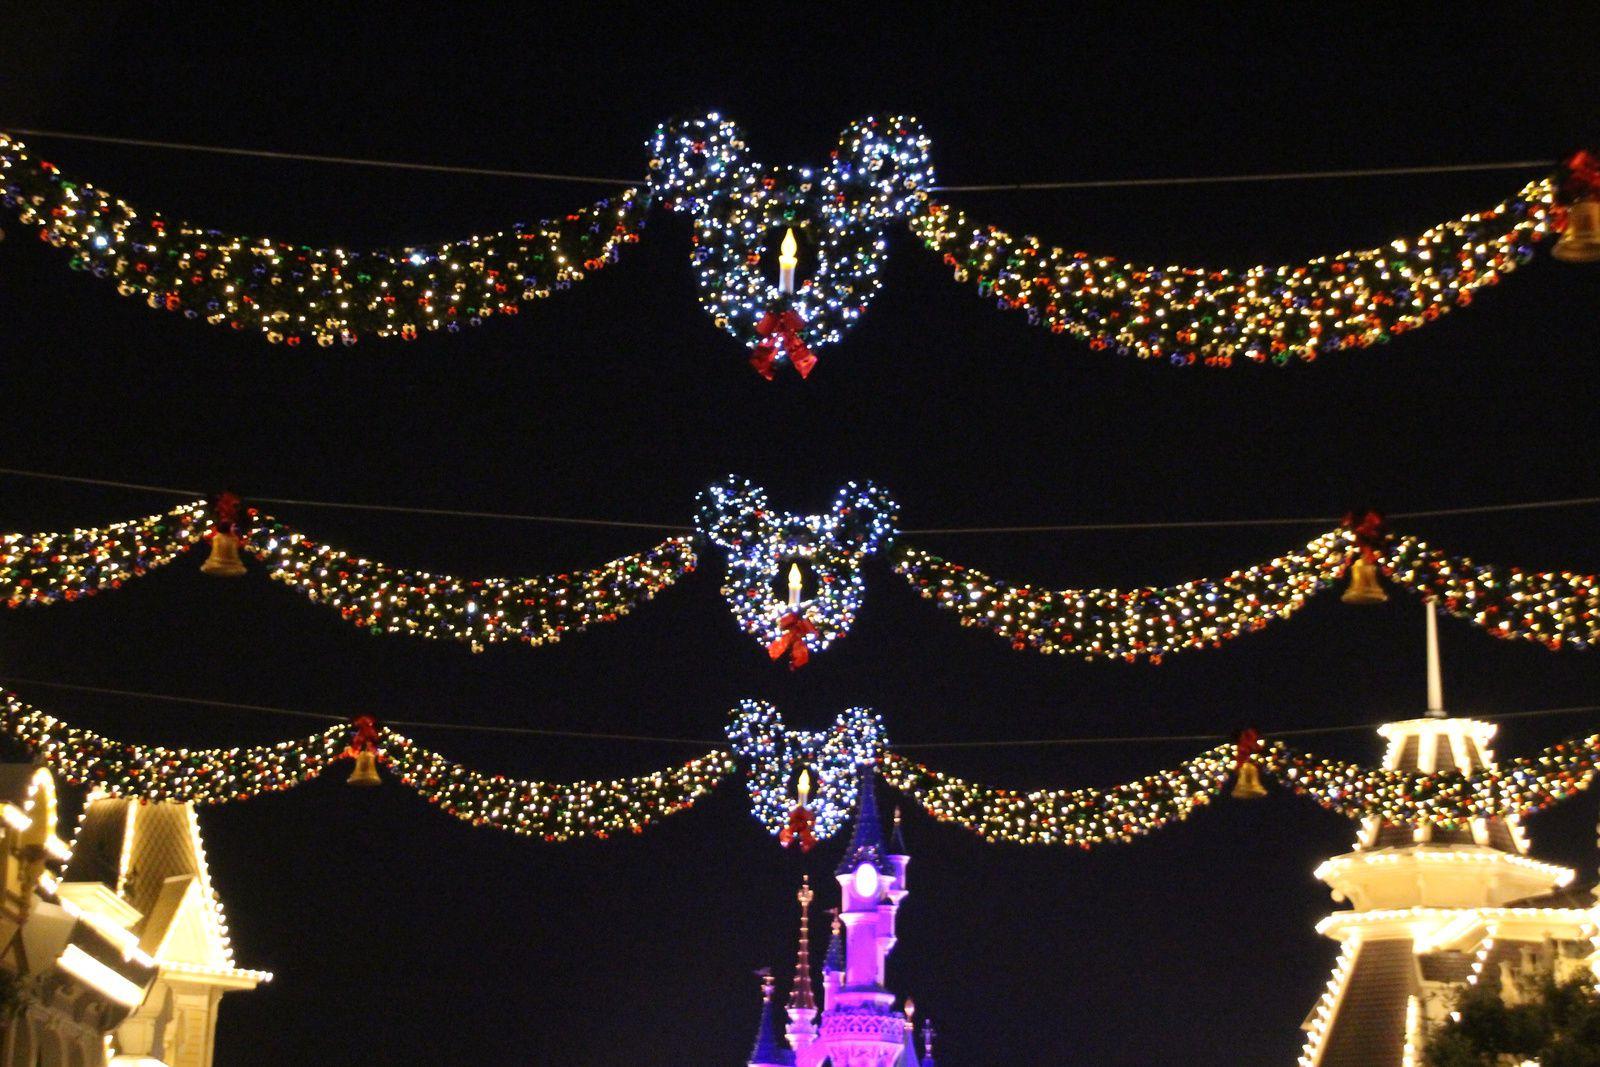 Le Noël enchanté à Disneyland Paris (2016)